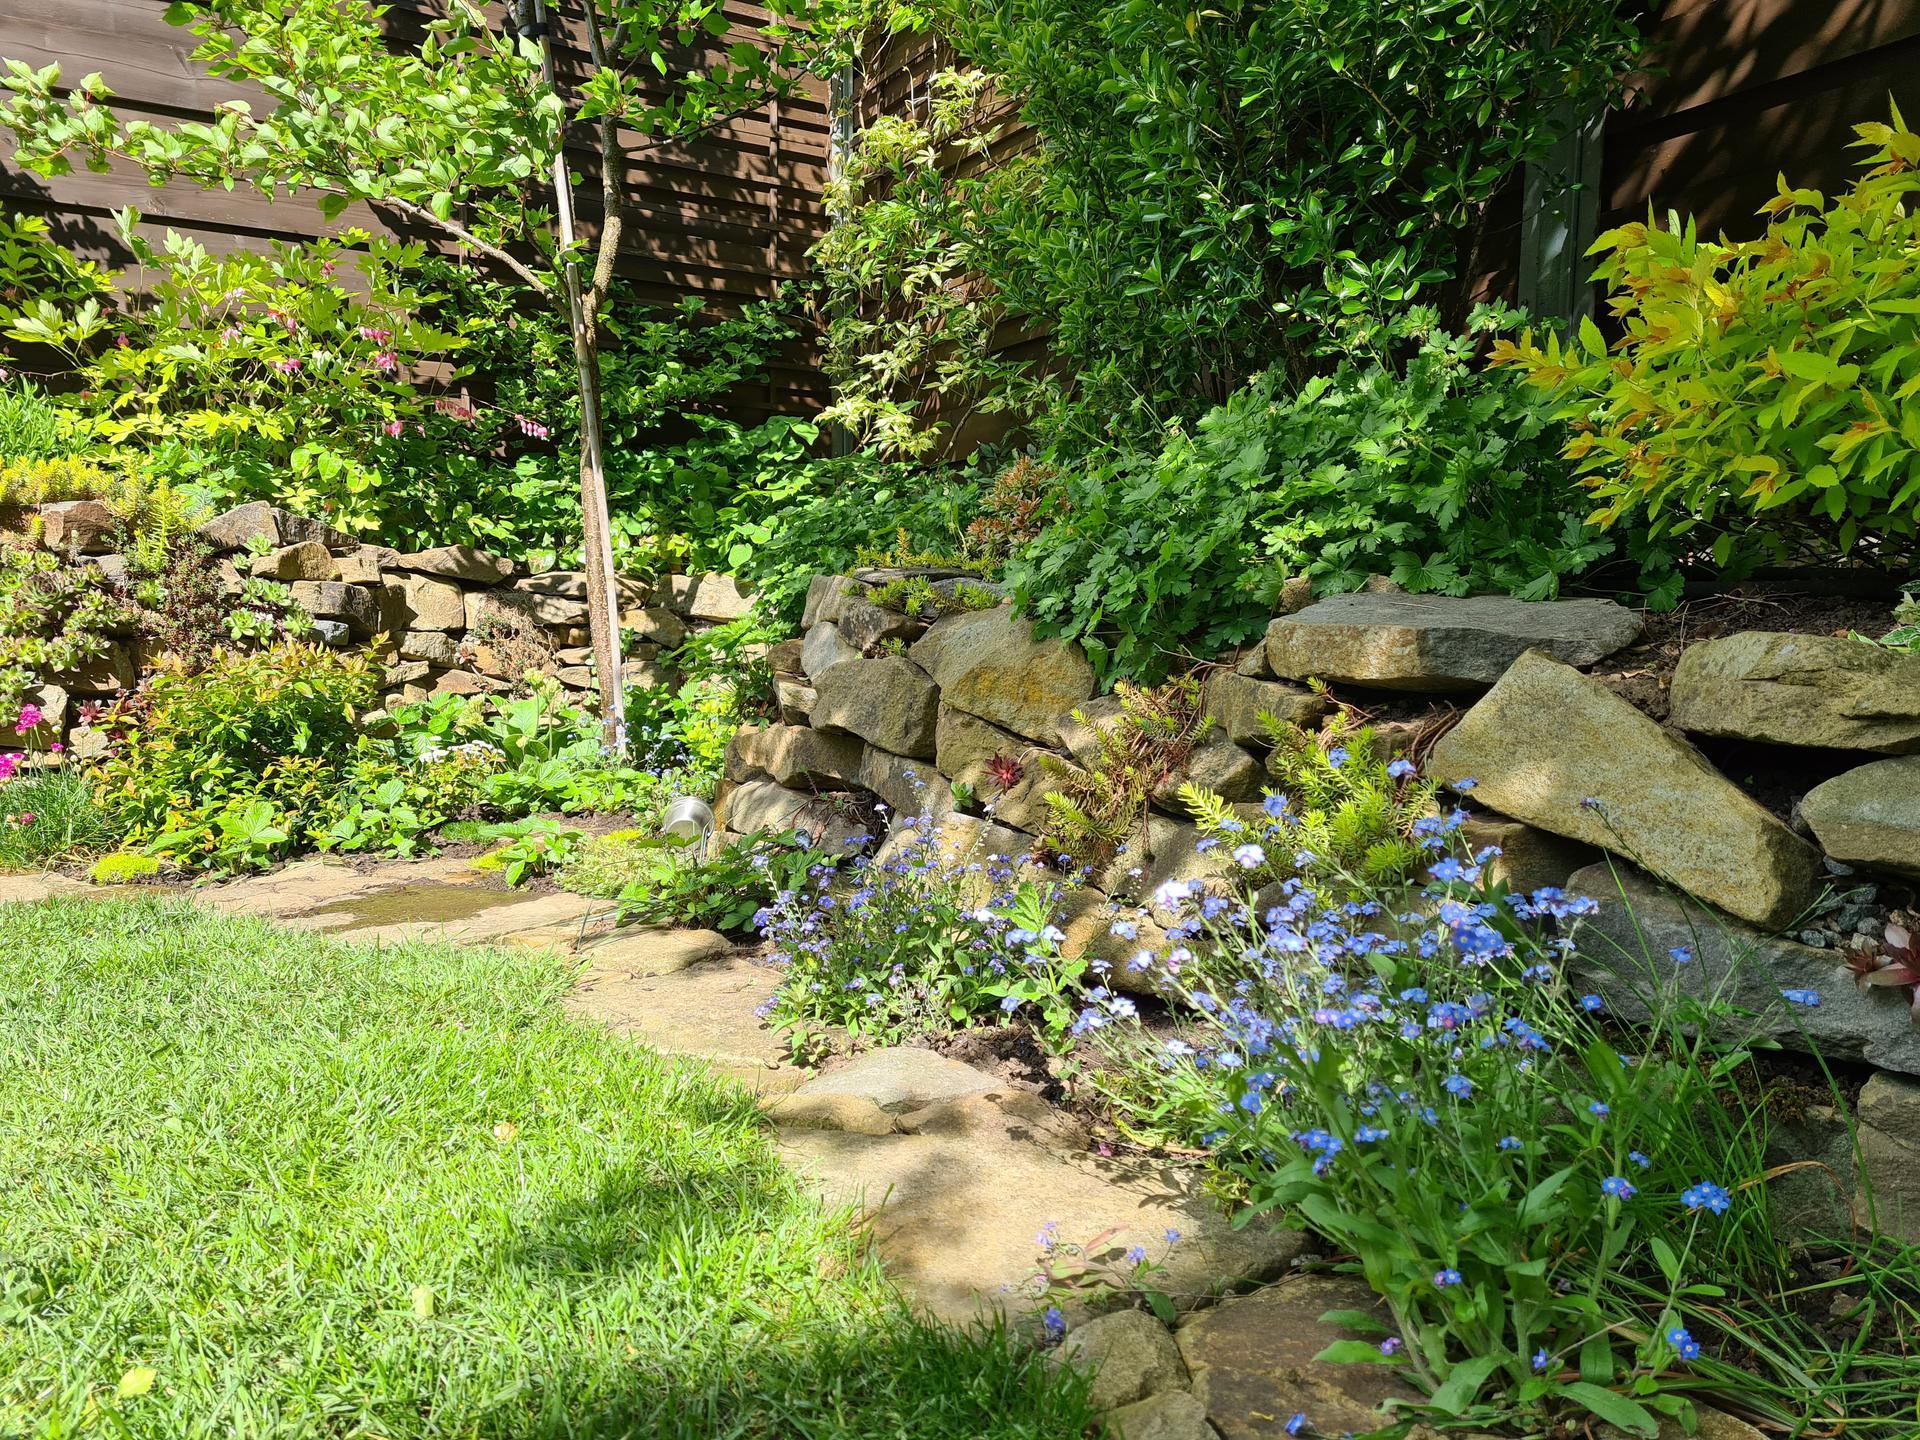 Naša záhradka 2021 - Pod marhulou tento rok vymenena trava za boruvky a jahody.